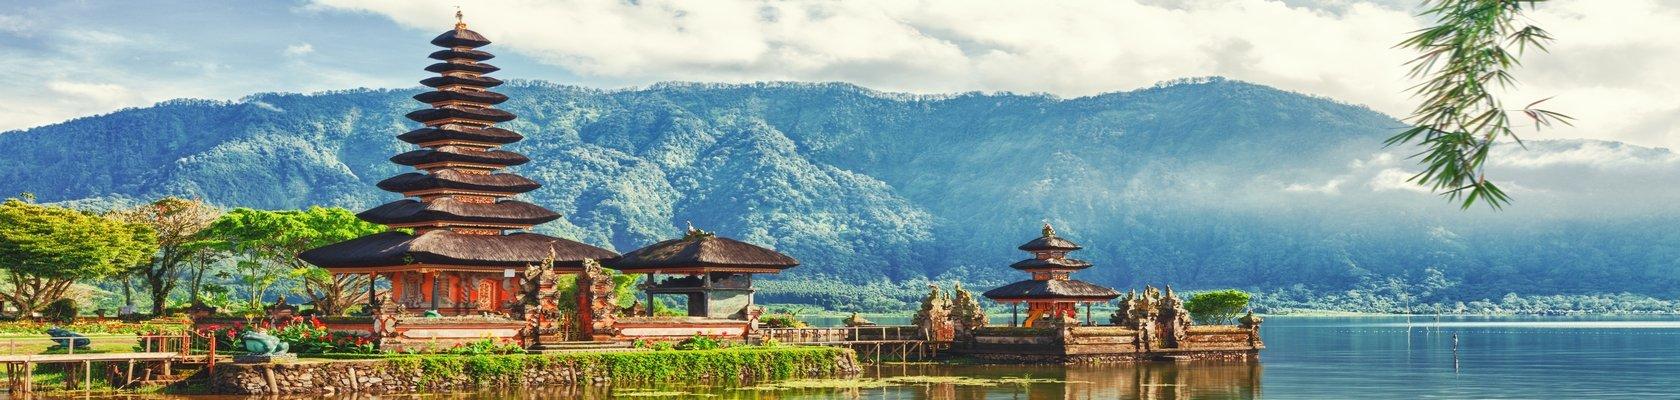 Mooiste tempelcomplexen van Bali